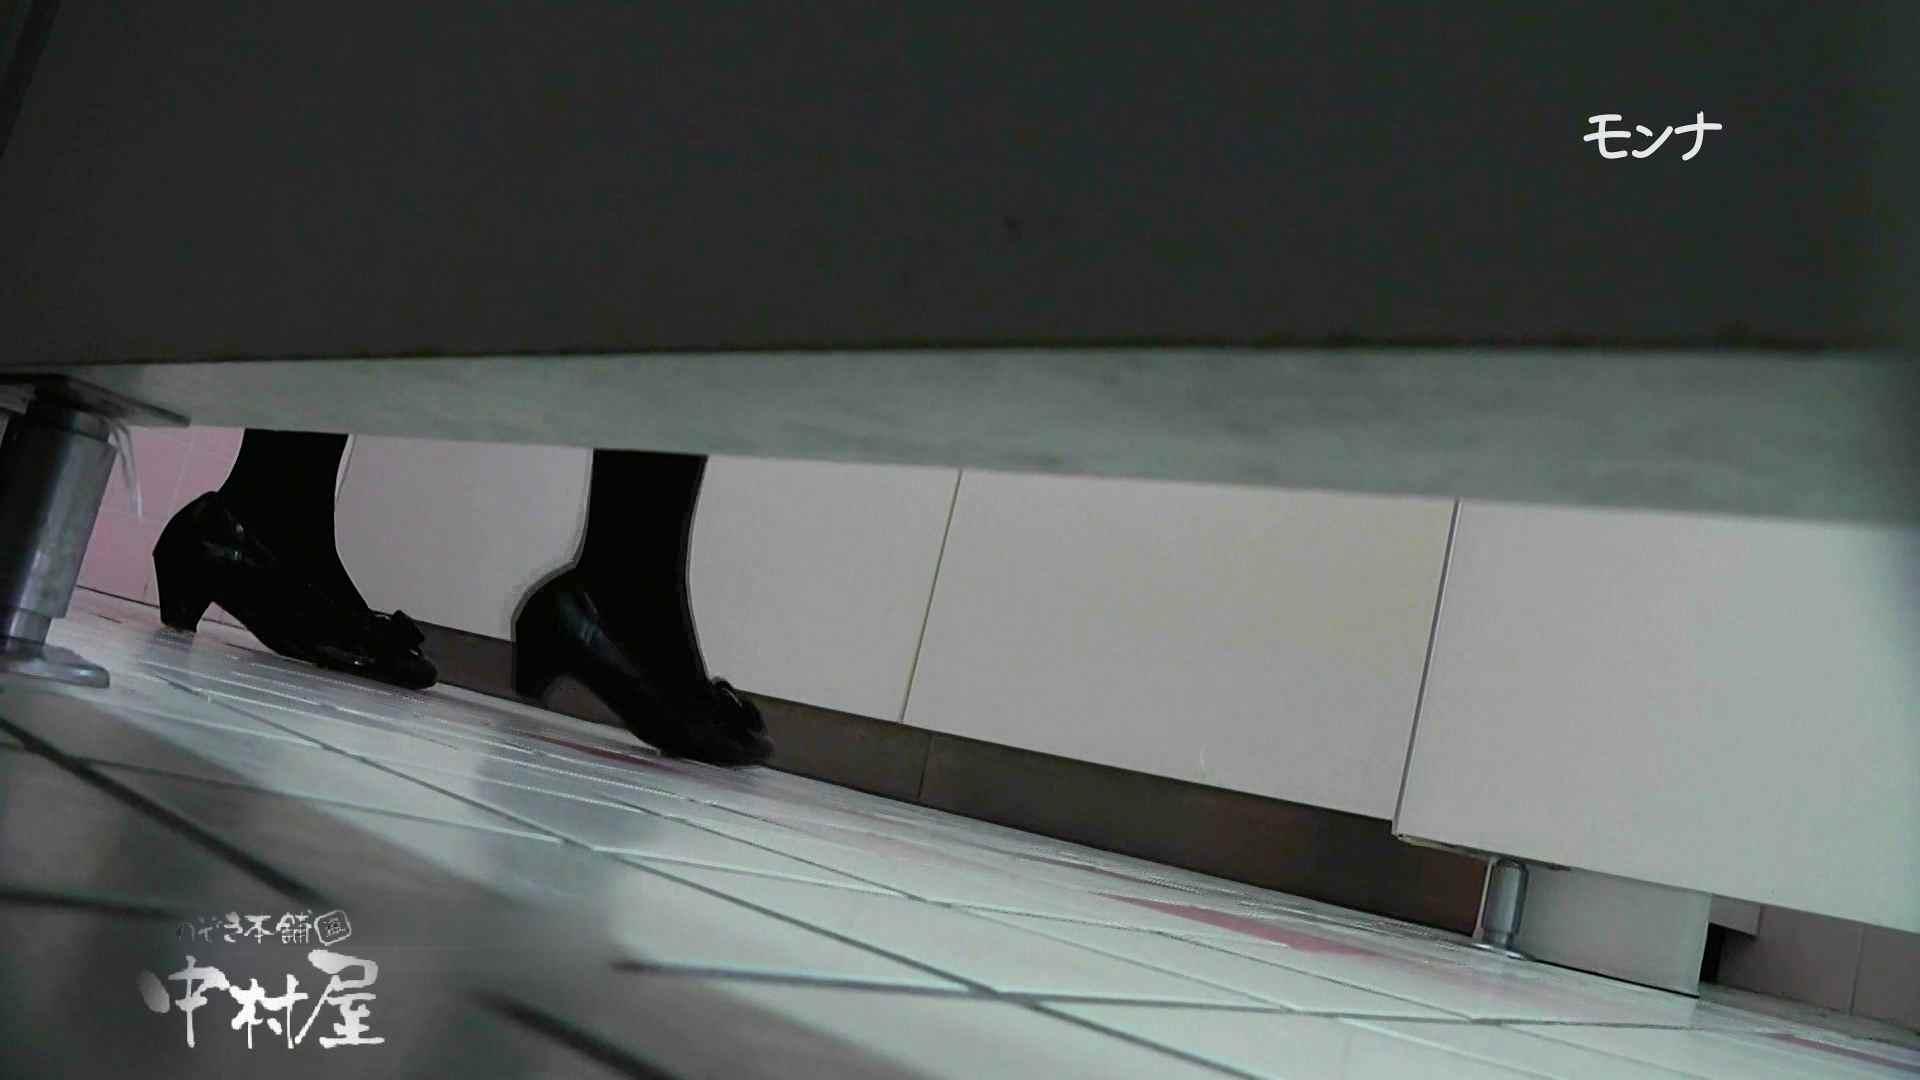 【美しい日本の未来】遂に!!戸田恵梨香似の予告モデル登場ダッシュで「大」後編 0   0  52連発 33